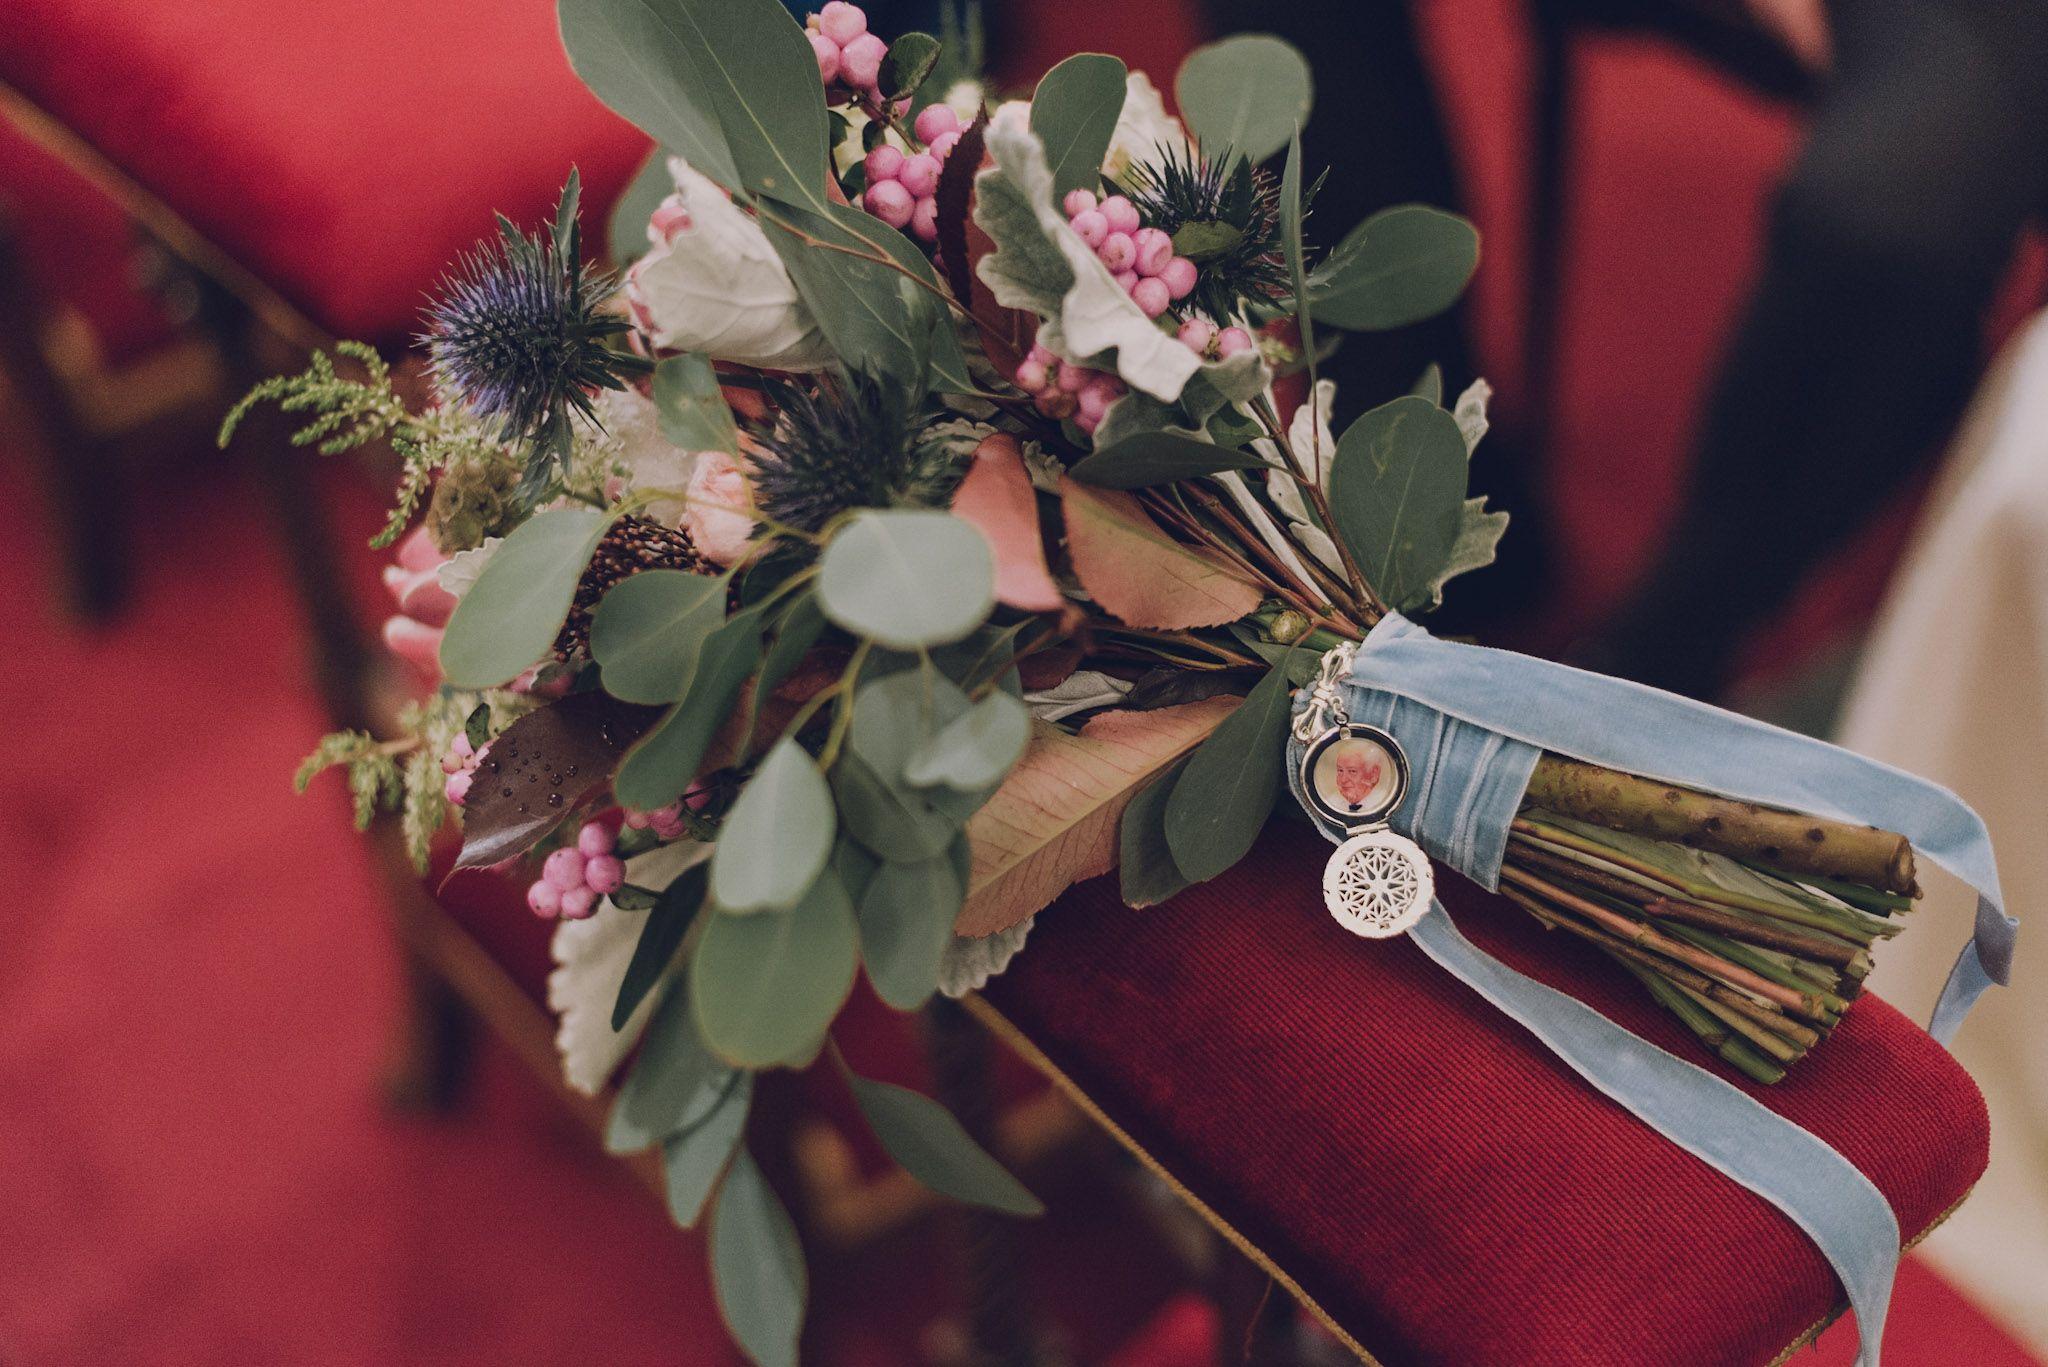 Boda en otoño en Bilbao, Boroa, Bizkaia, ramo de novia otoñal con camafeo